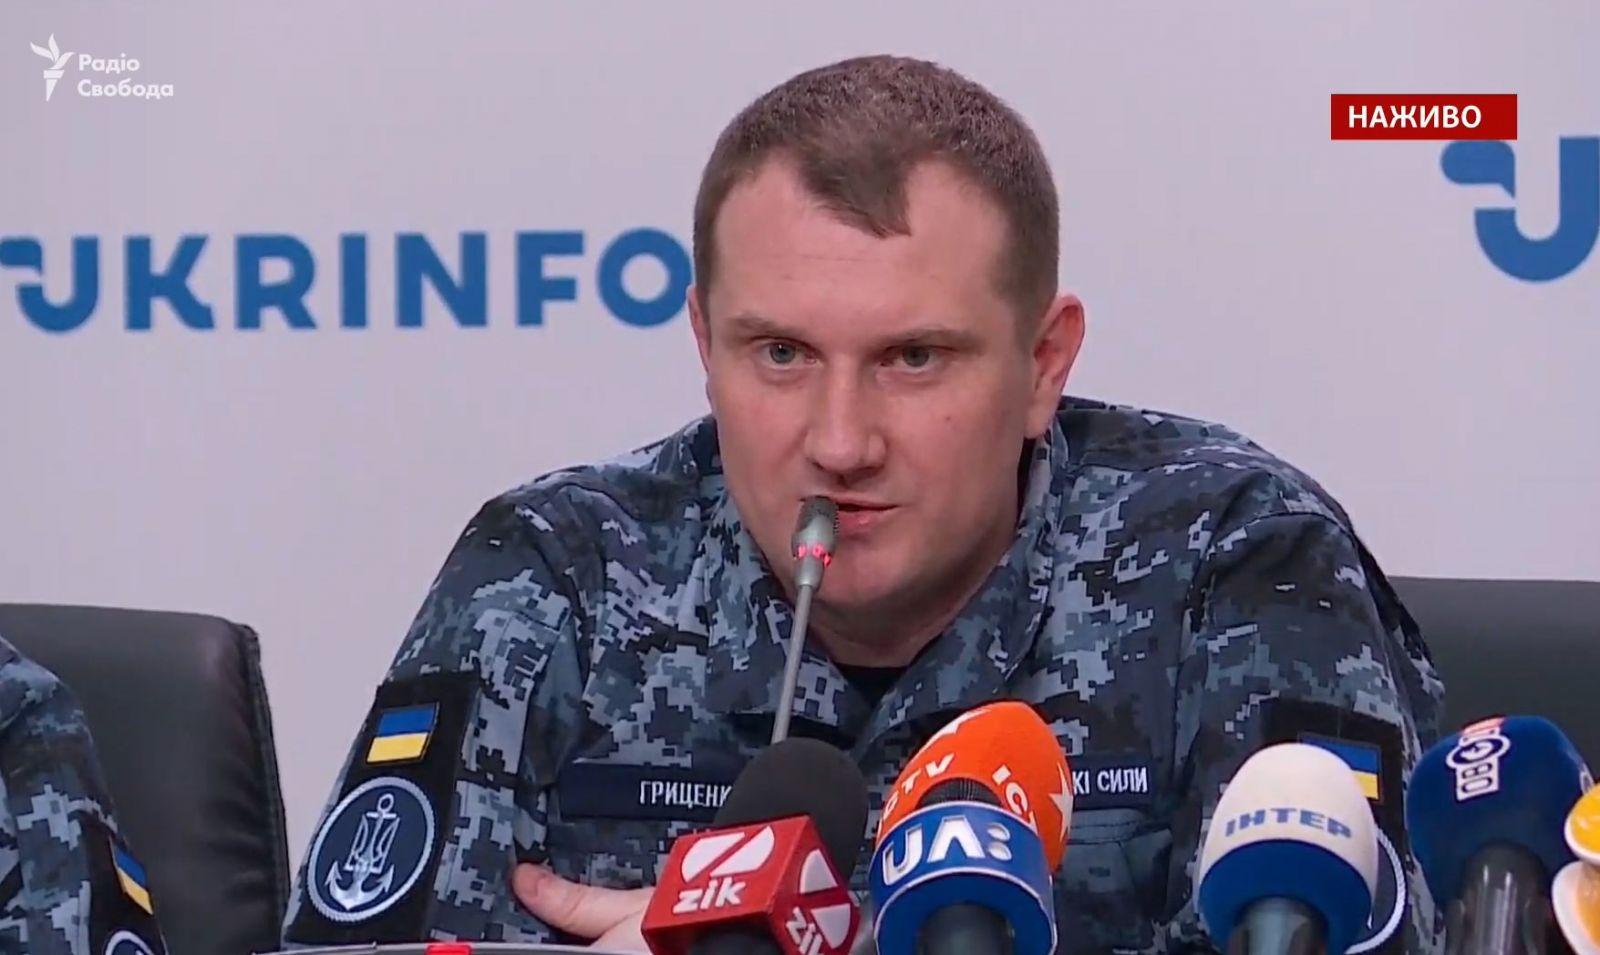 Командир моряков рассказал, почему в Керченском проливе не дал приказ от...